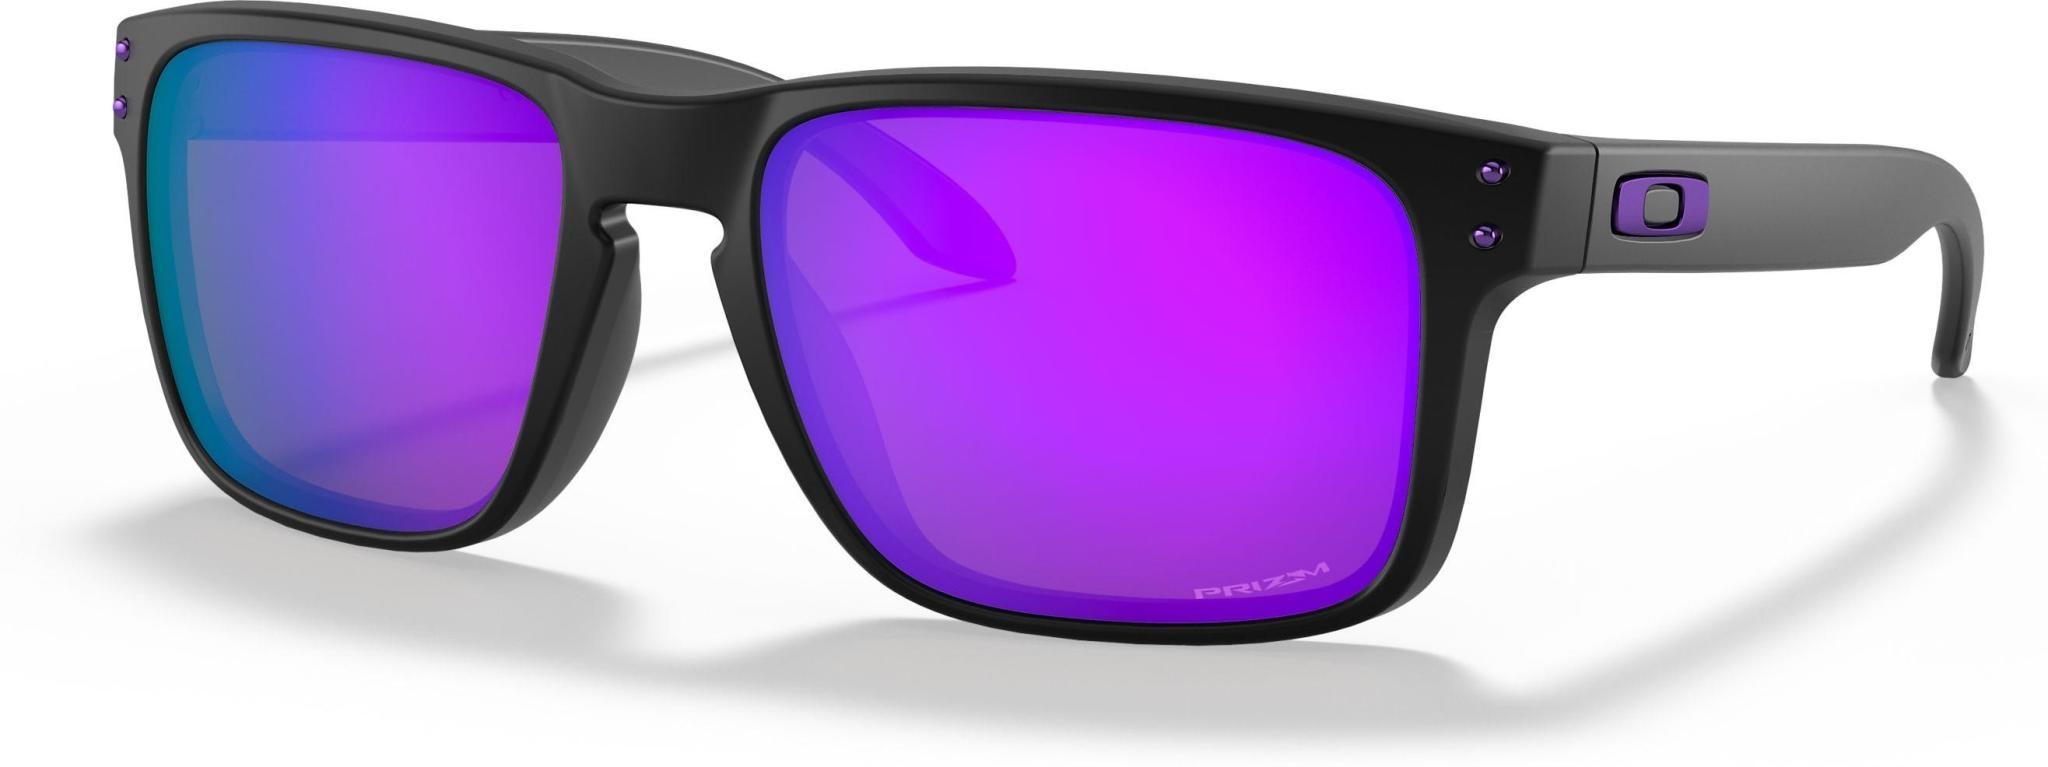 Oakley Oakley Holbrook XL Matte Black w/ Prizm Violet Polarized Sunglasses